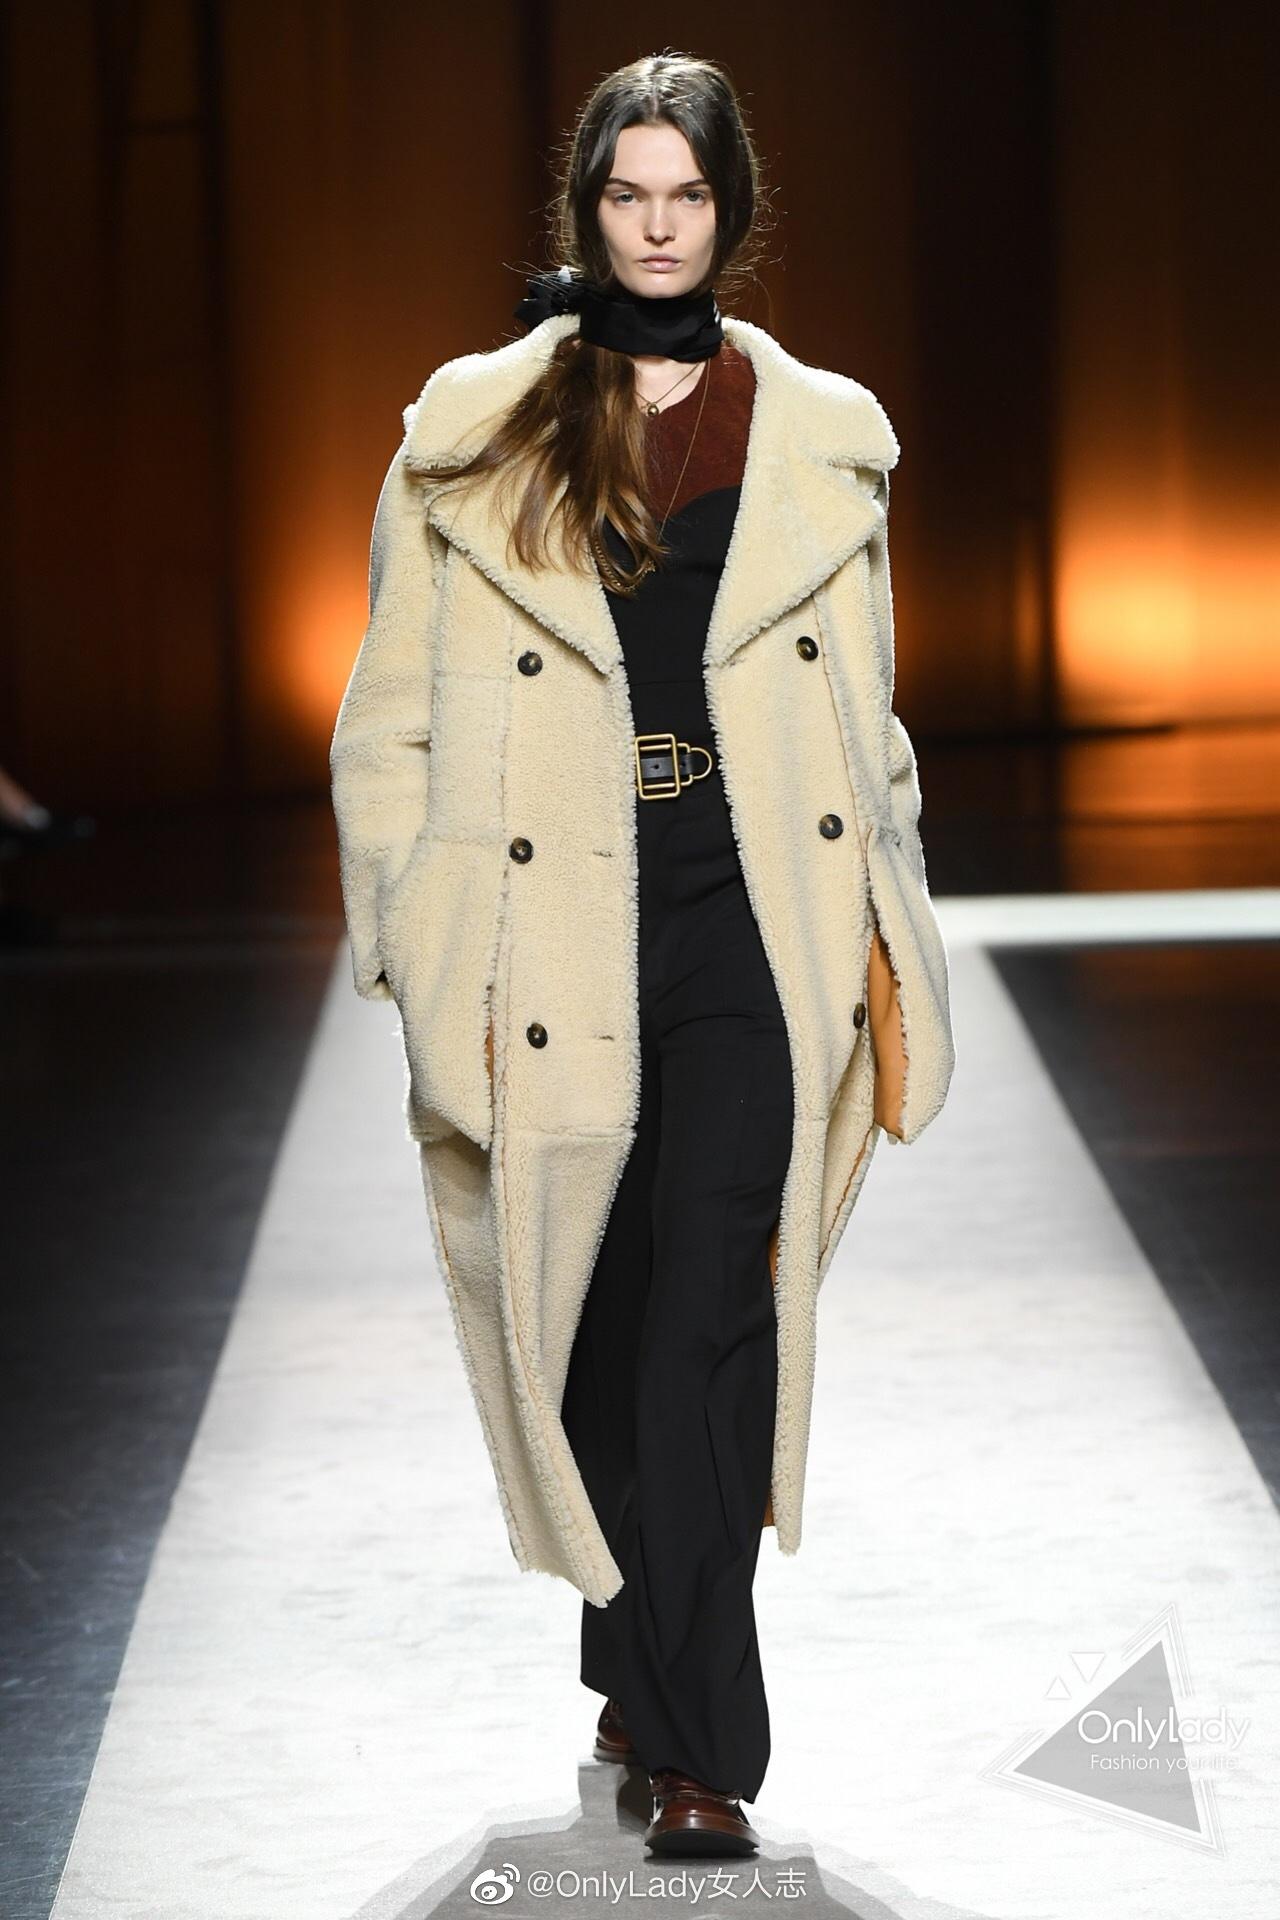 @TODS 2020秋冬系列显现精致的皮革拼接设计,以及富有标志性的包袋